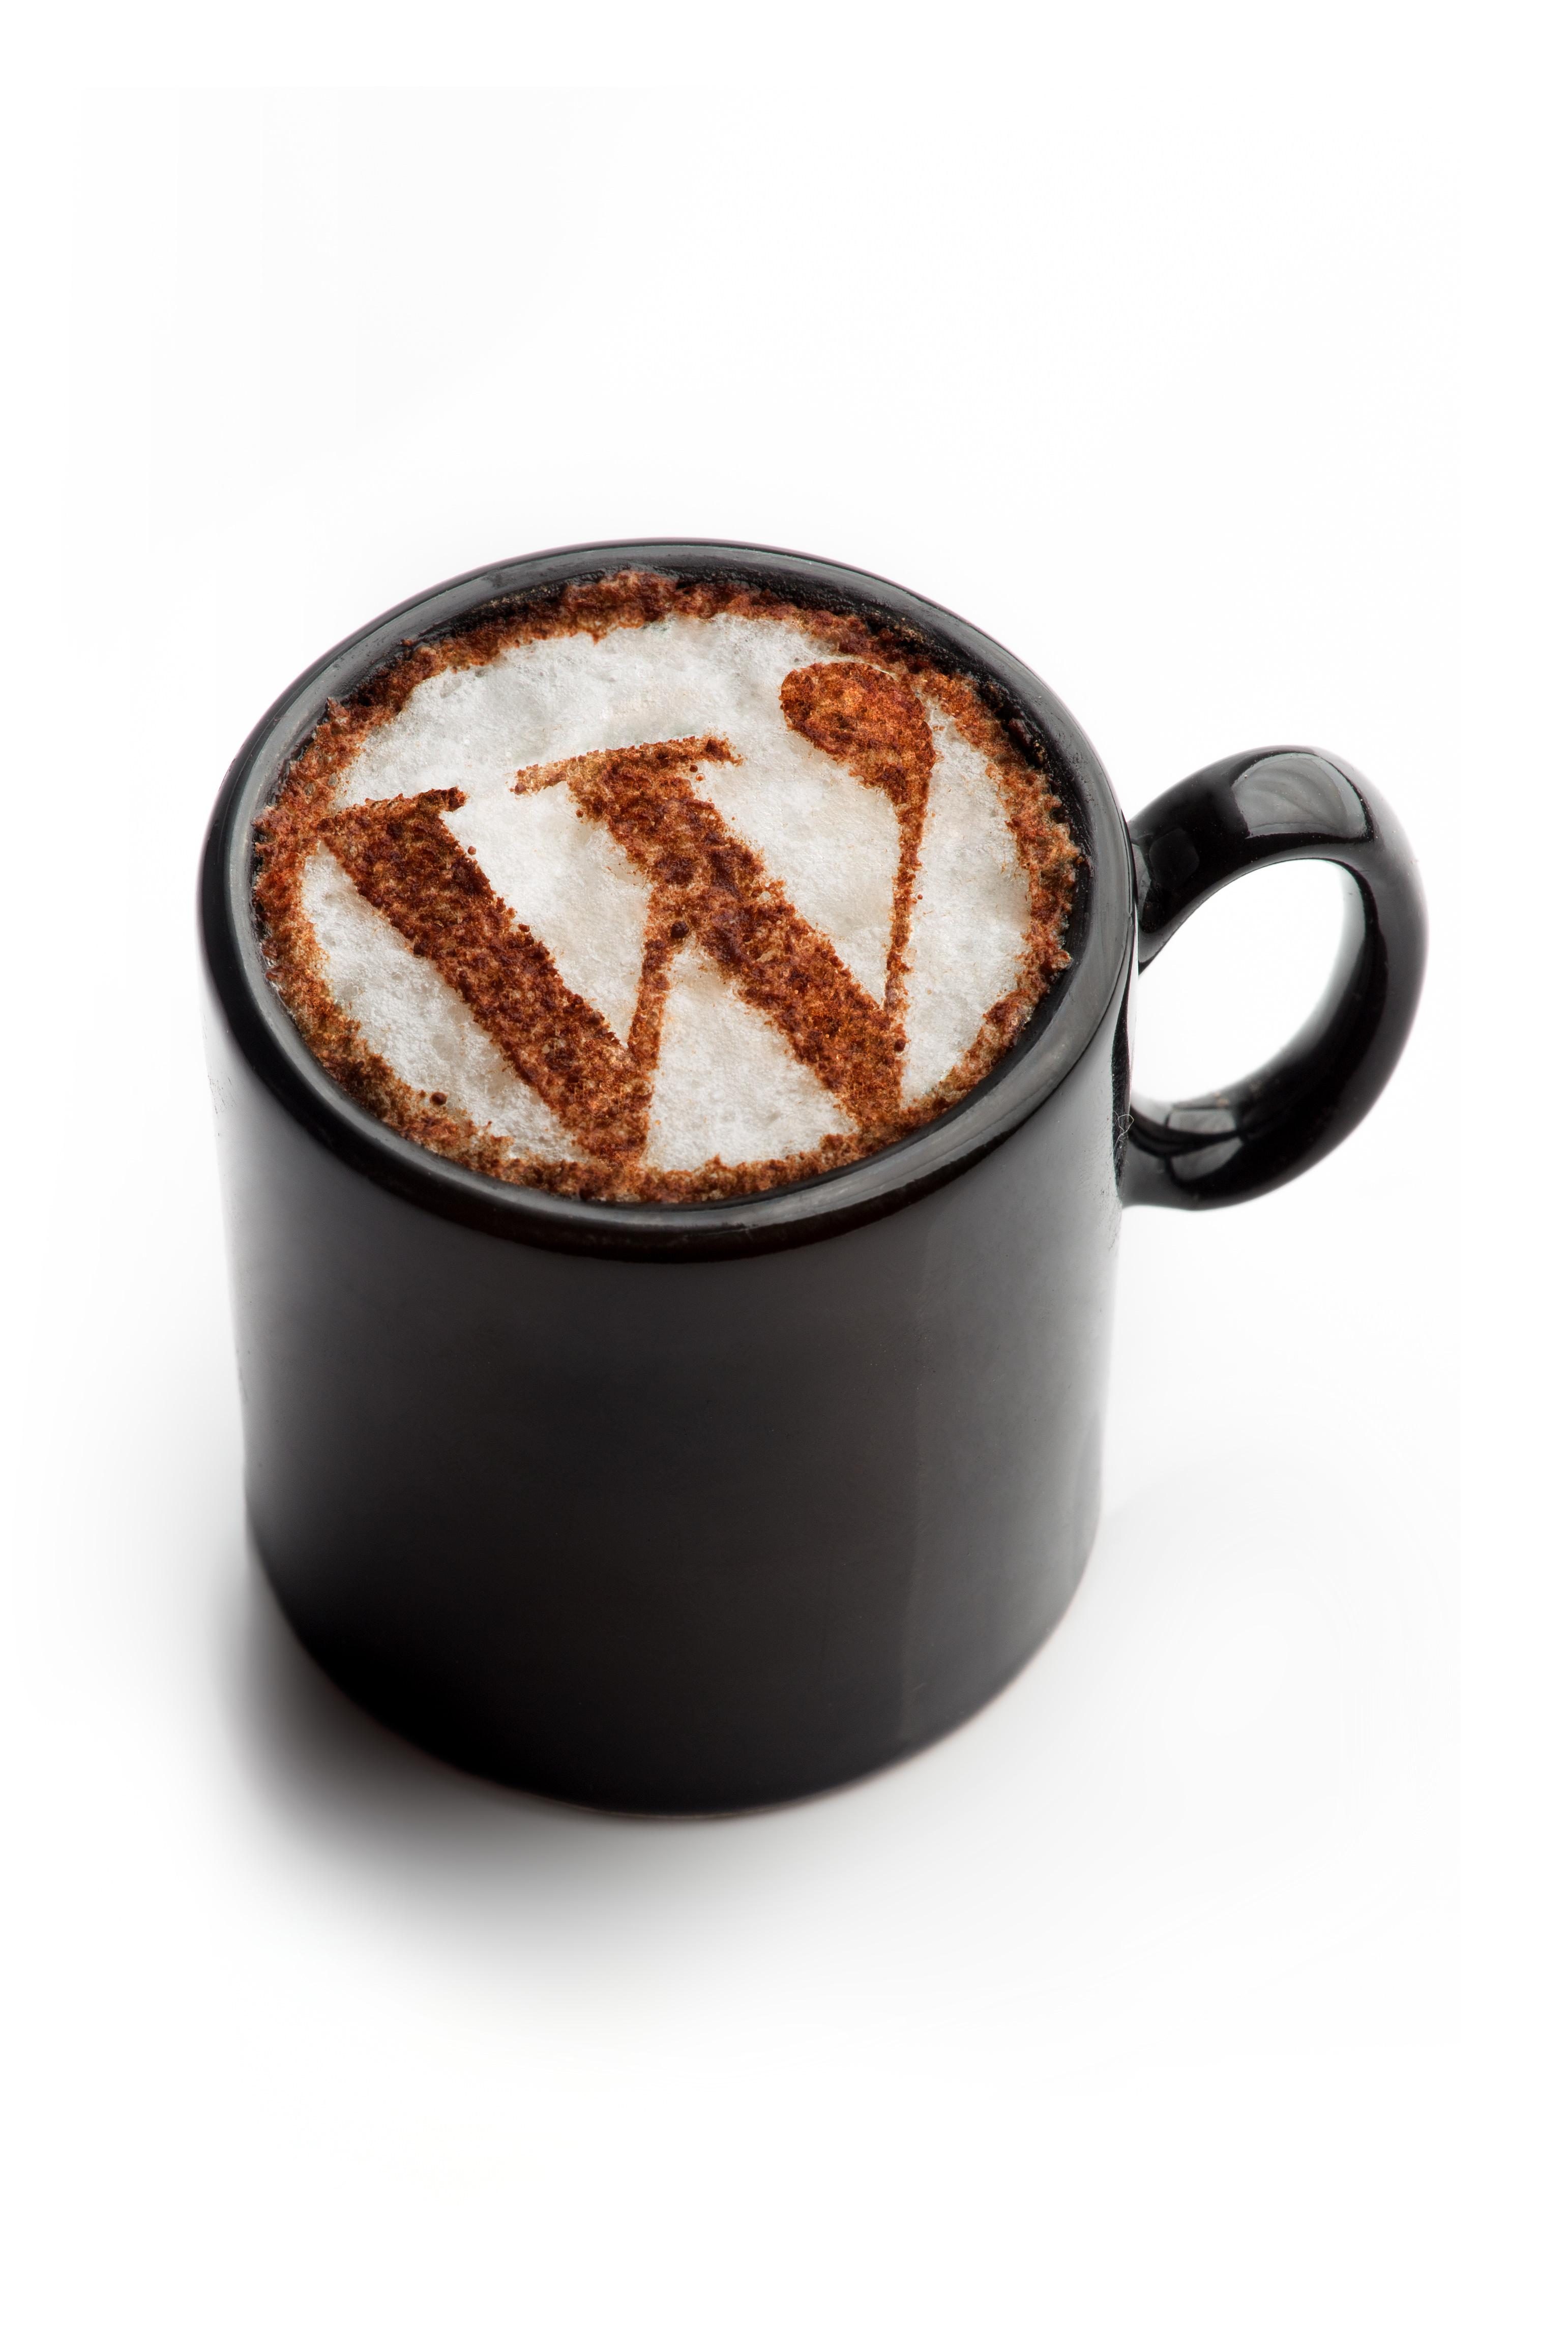 Wordpress logo in coffee